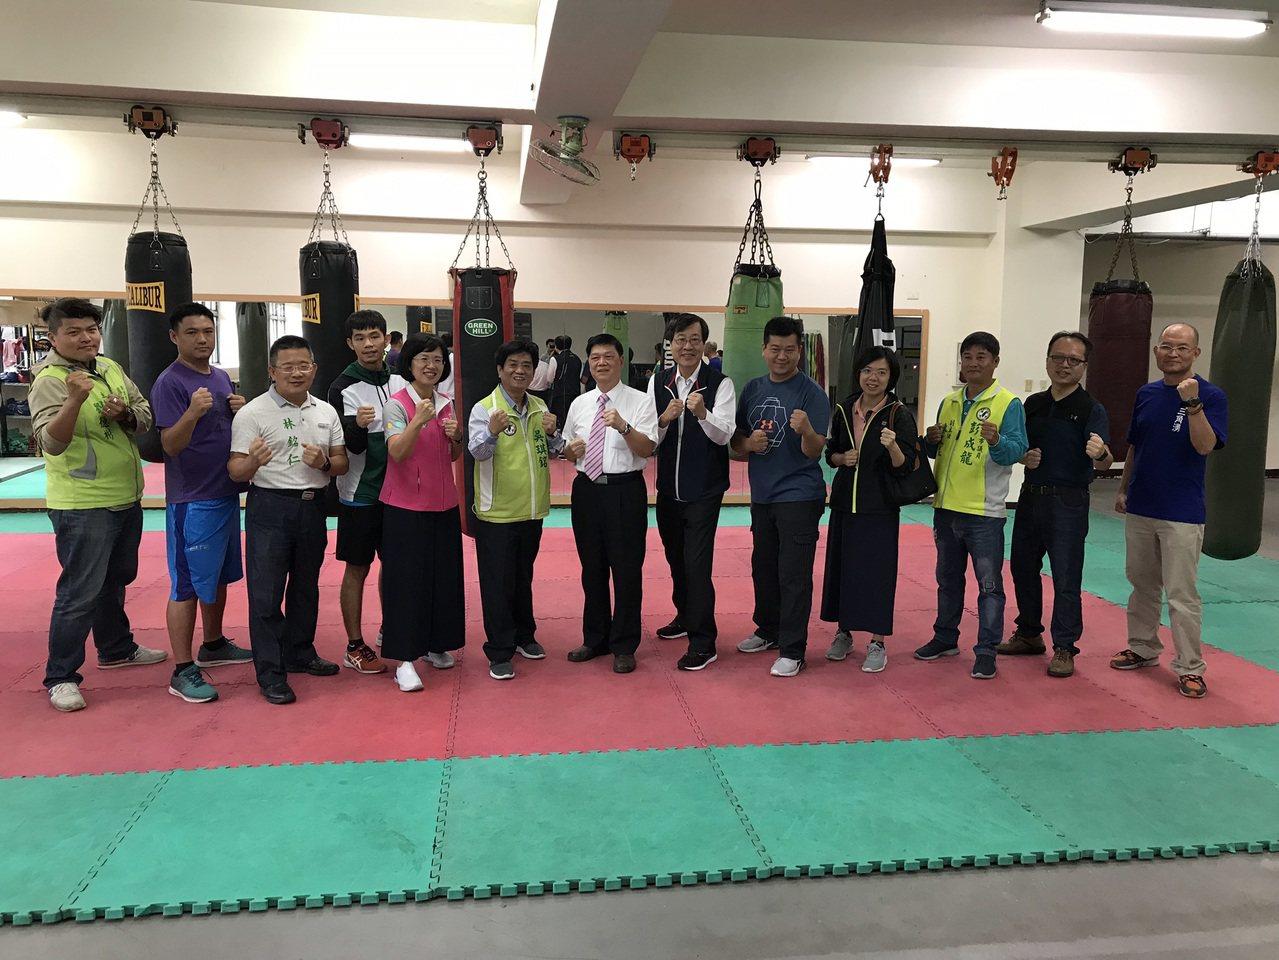 新北市三峽國中拳擊隊在各大比賽屢屢奪牌,不過體能訓練設備卻嚴重不足,立委蘇巧慧、...